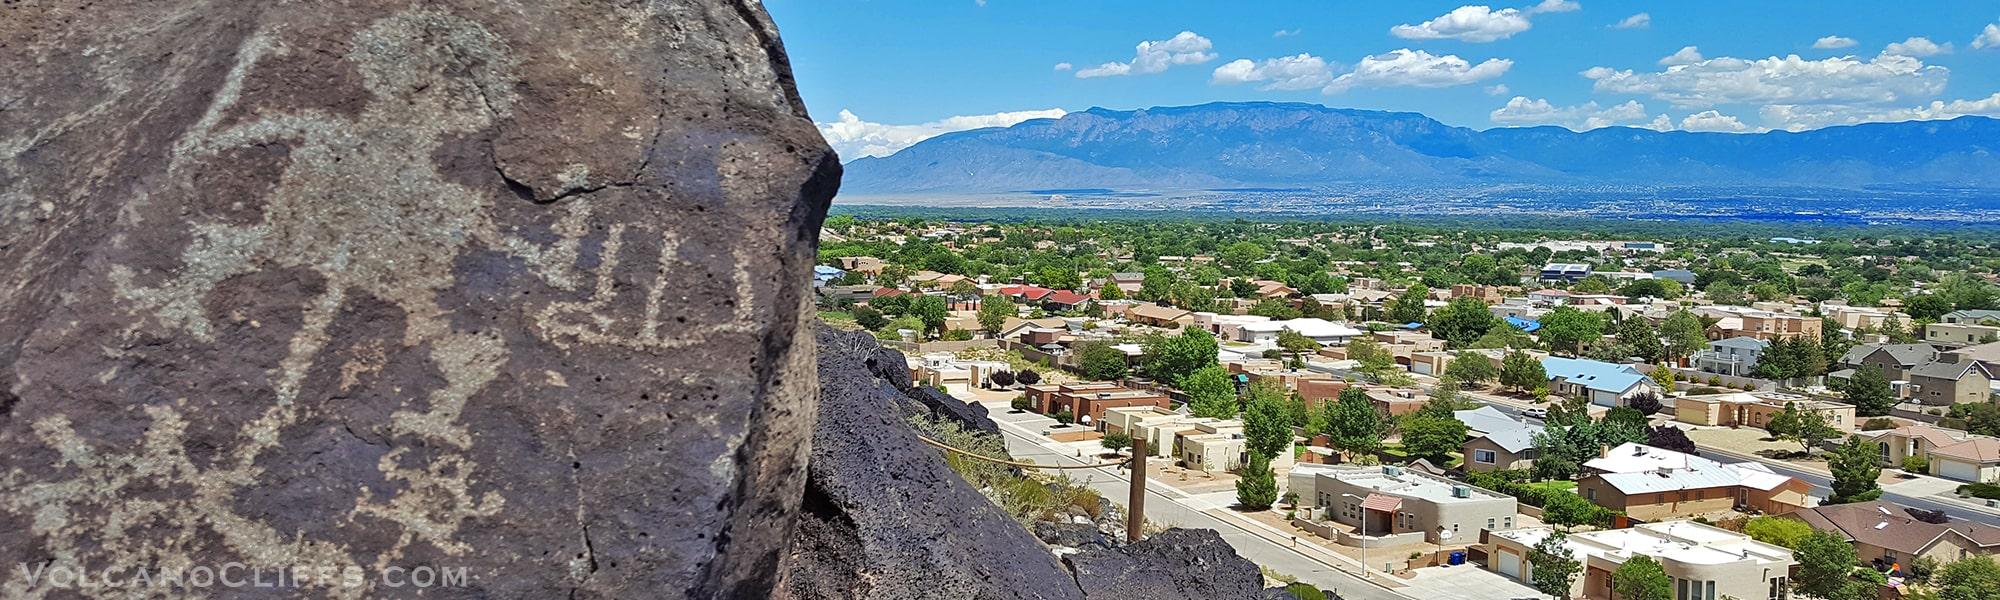 Volcano Cliffs Albuquerque